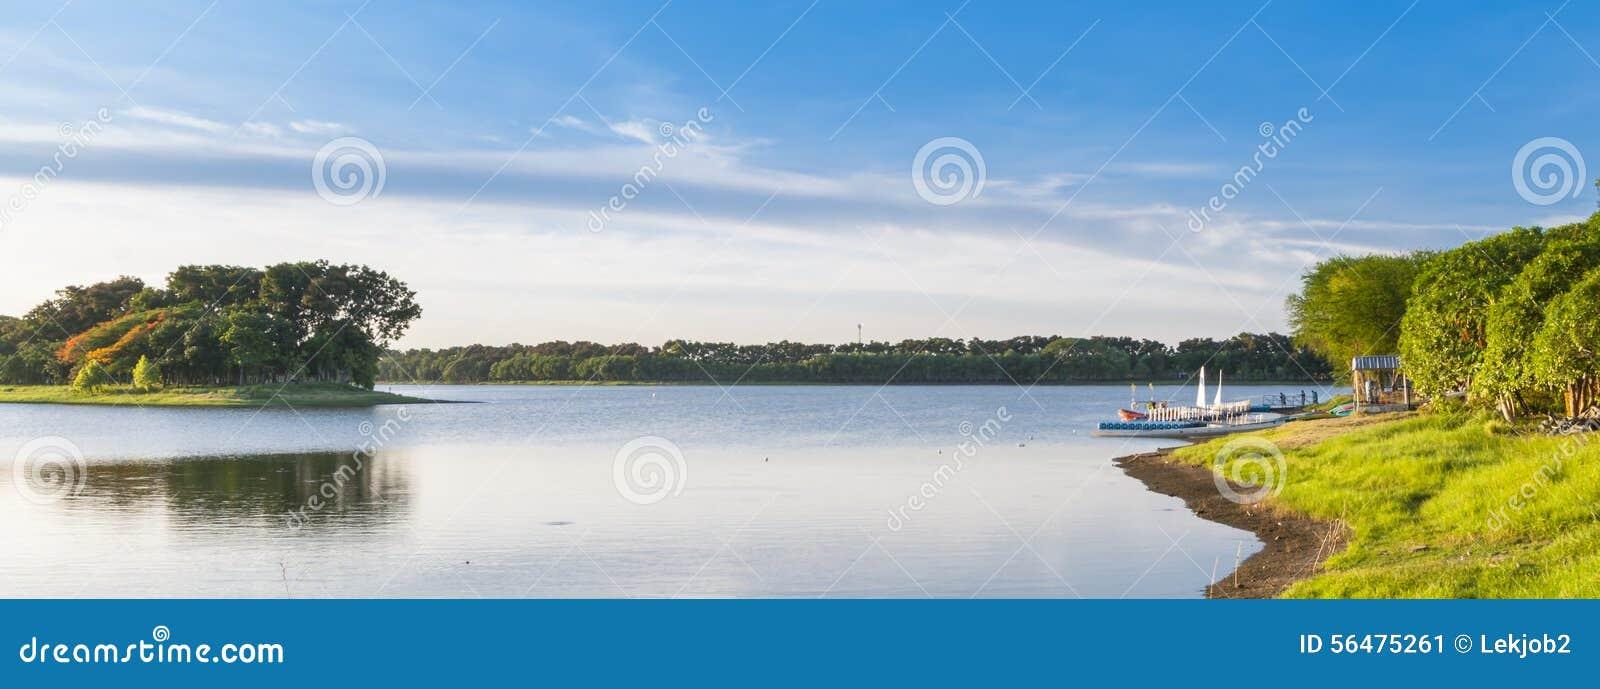 Lac le jour ensoleillé